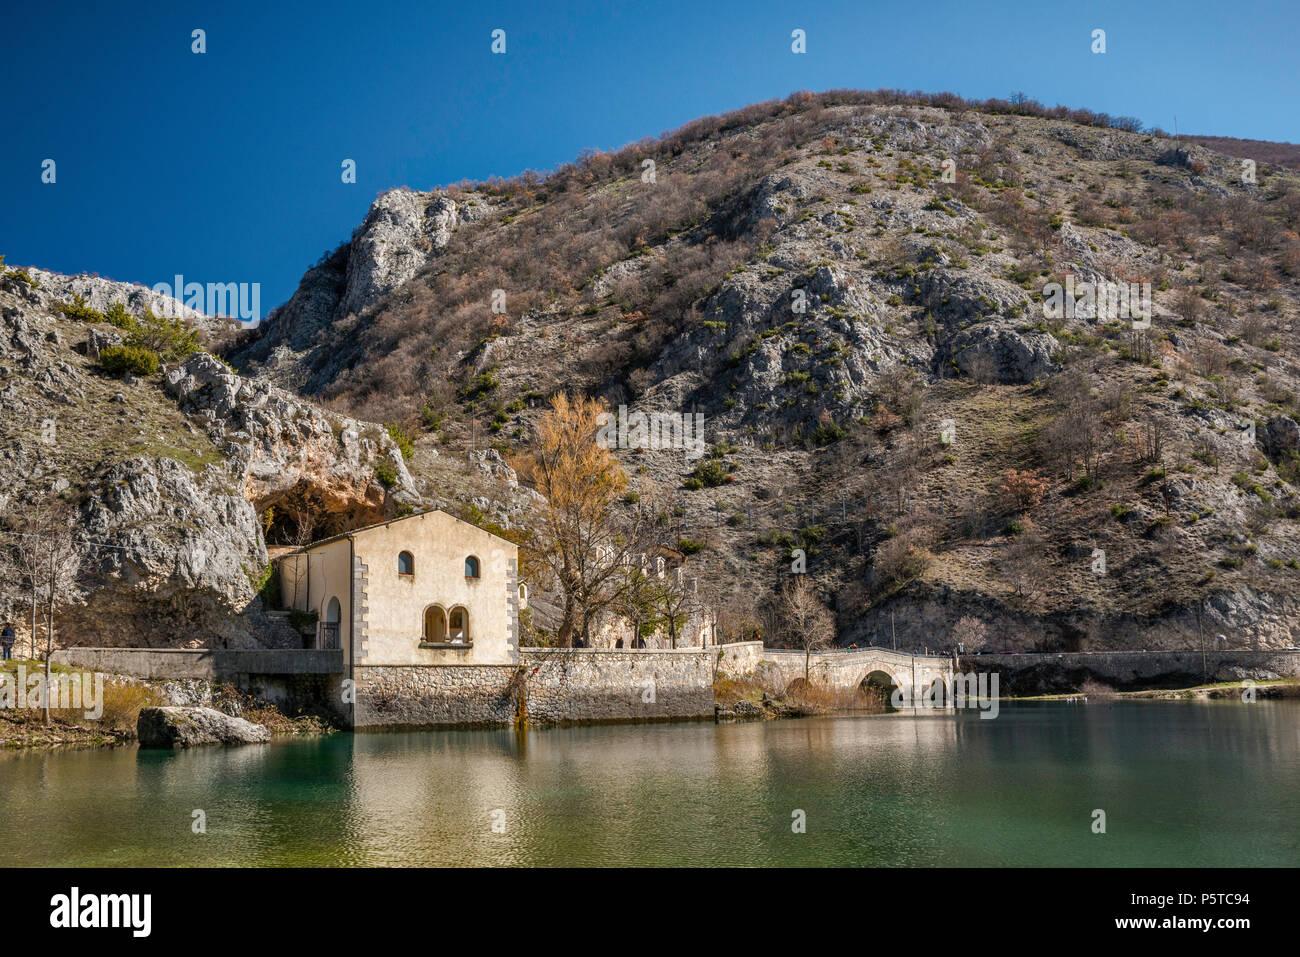 Hermitage of San Domenico, at Lago di Scanno, lake in Sagittario Gorges near town of Scanno, in Abruzzi Massif, Central Apennines, Abruzzo, Italy - Stock Image